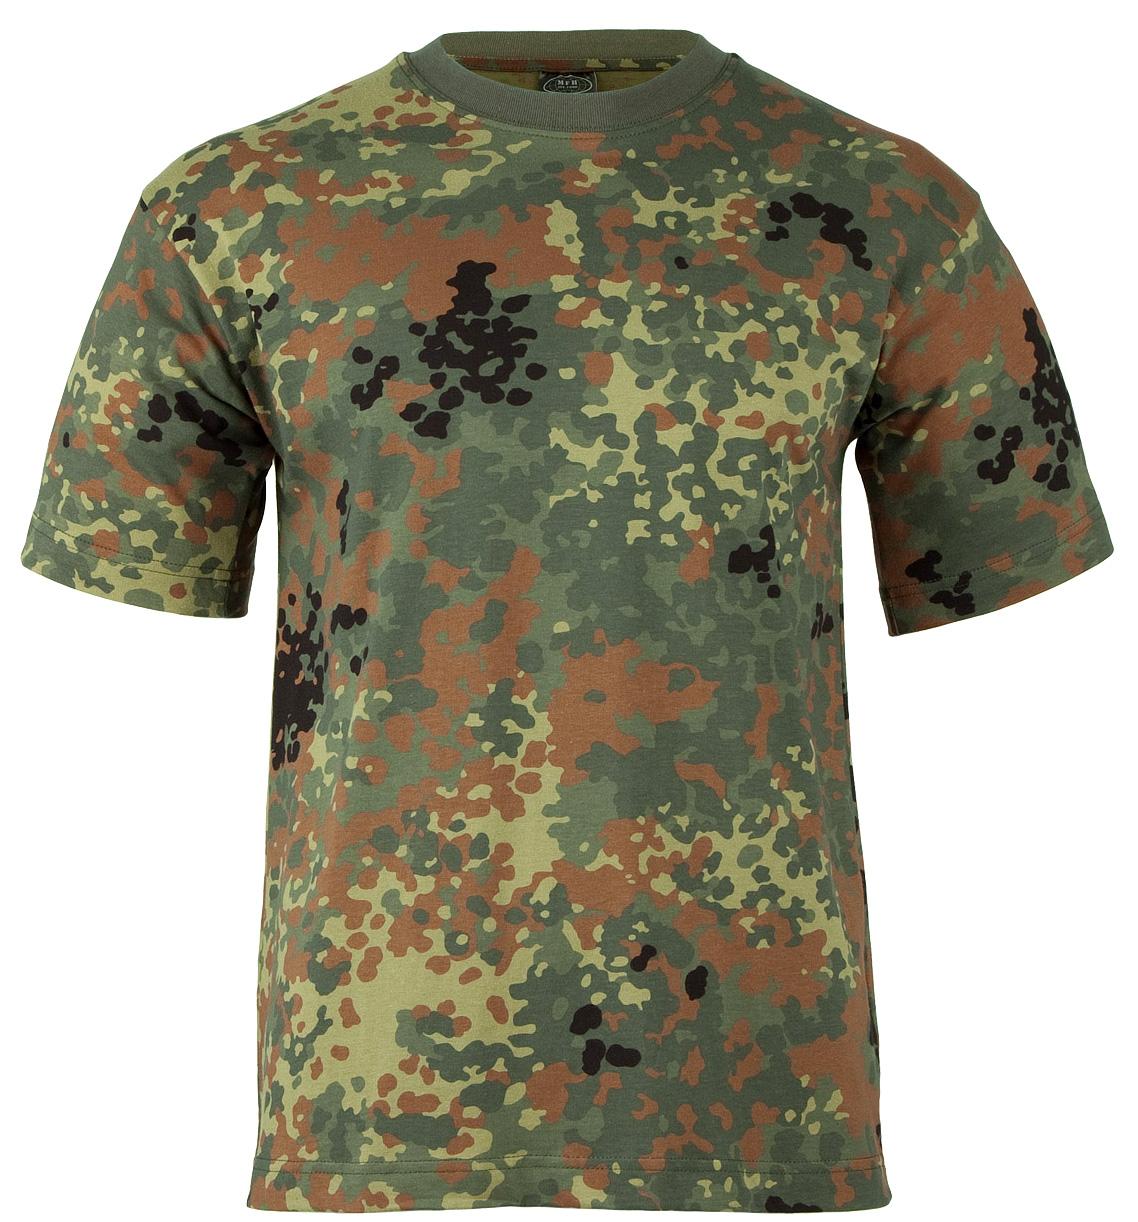 Оригинал производитель: армейские склады (голландия)состав: нейлон пожалуйста, уточняйте у менеджера: наличие, размер, цвет и состояние